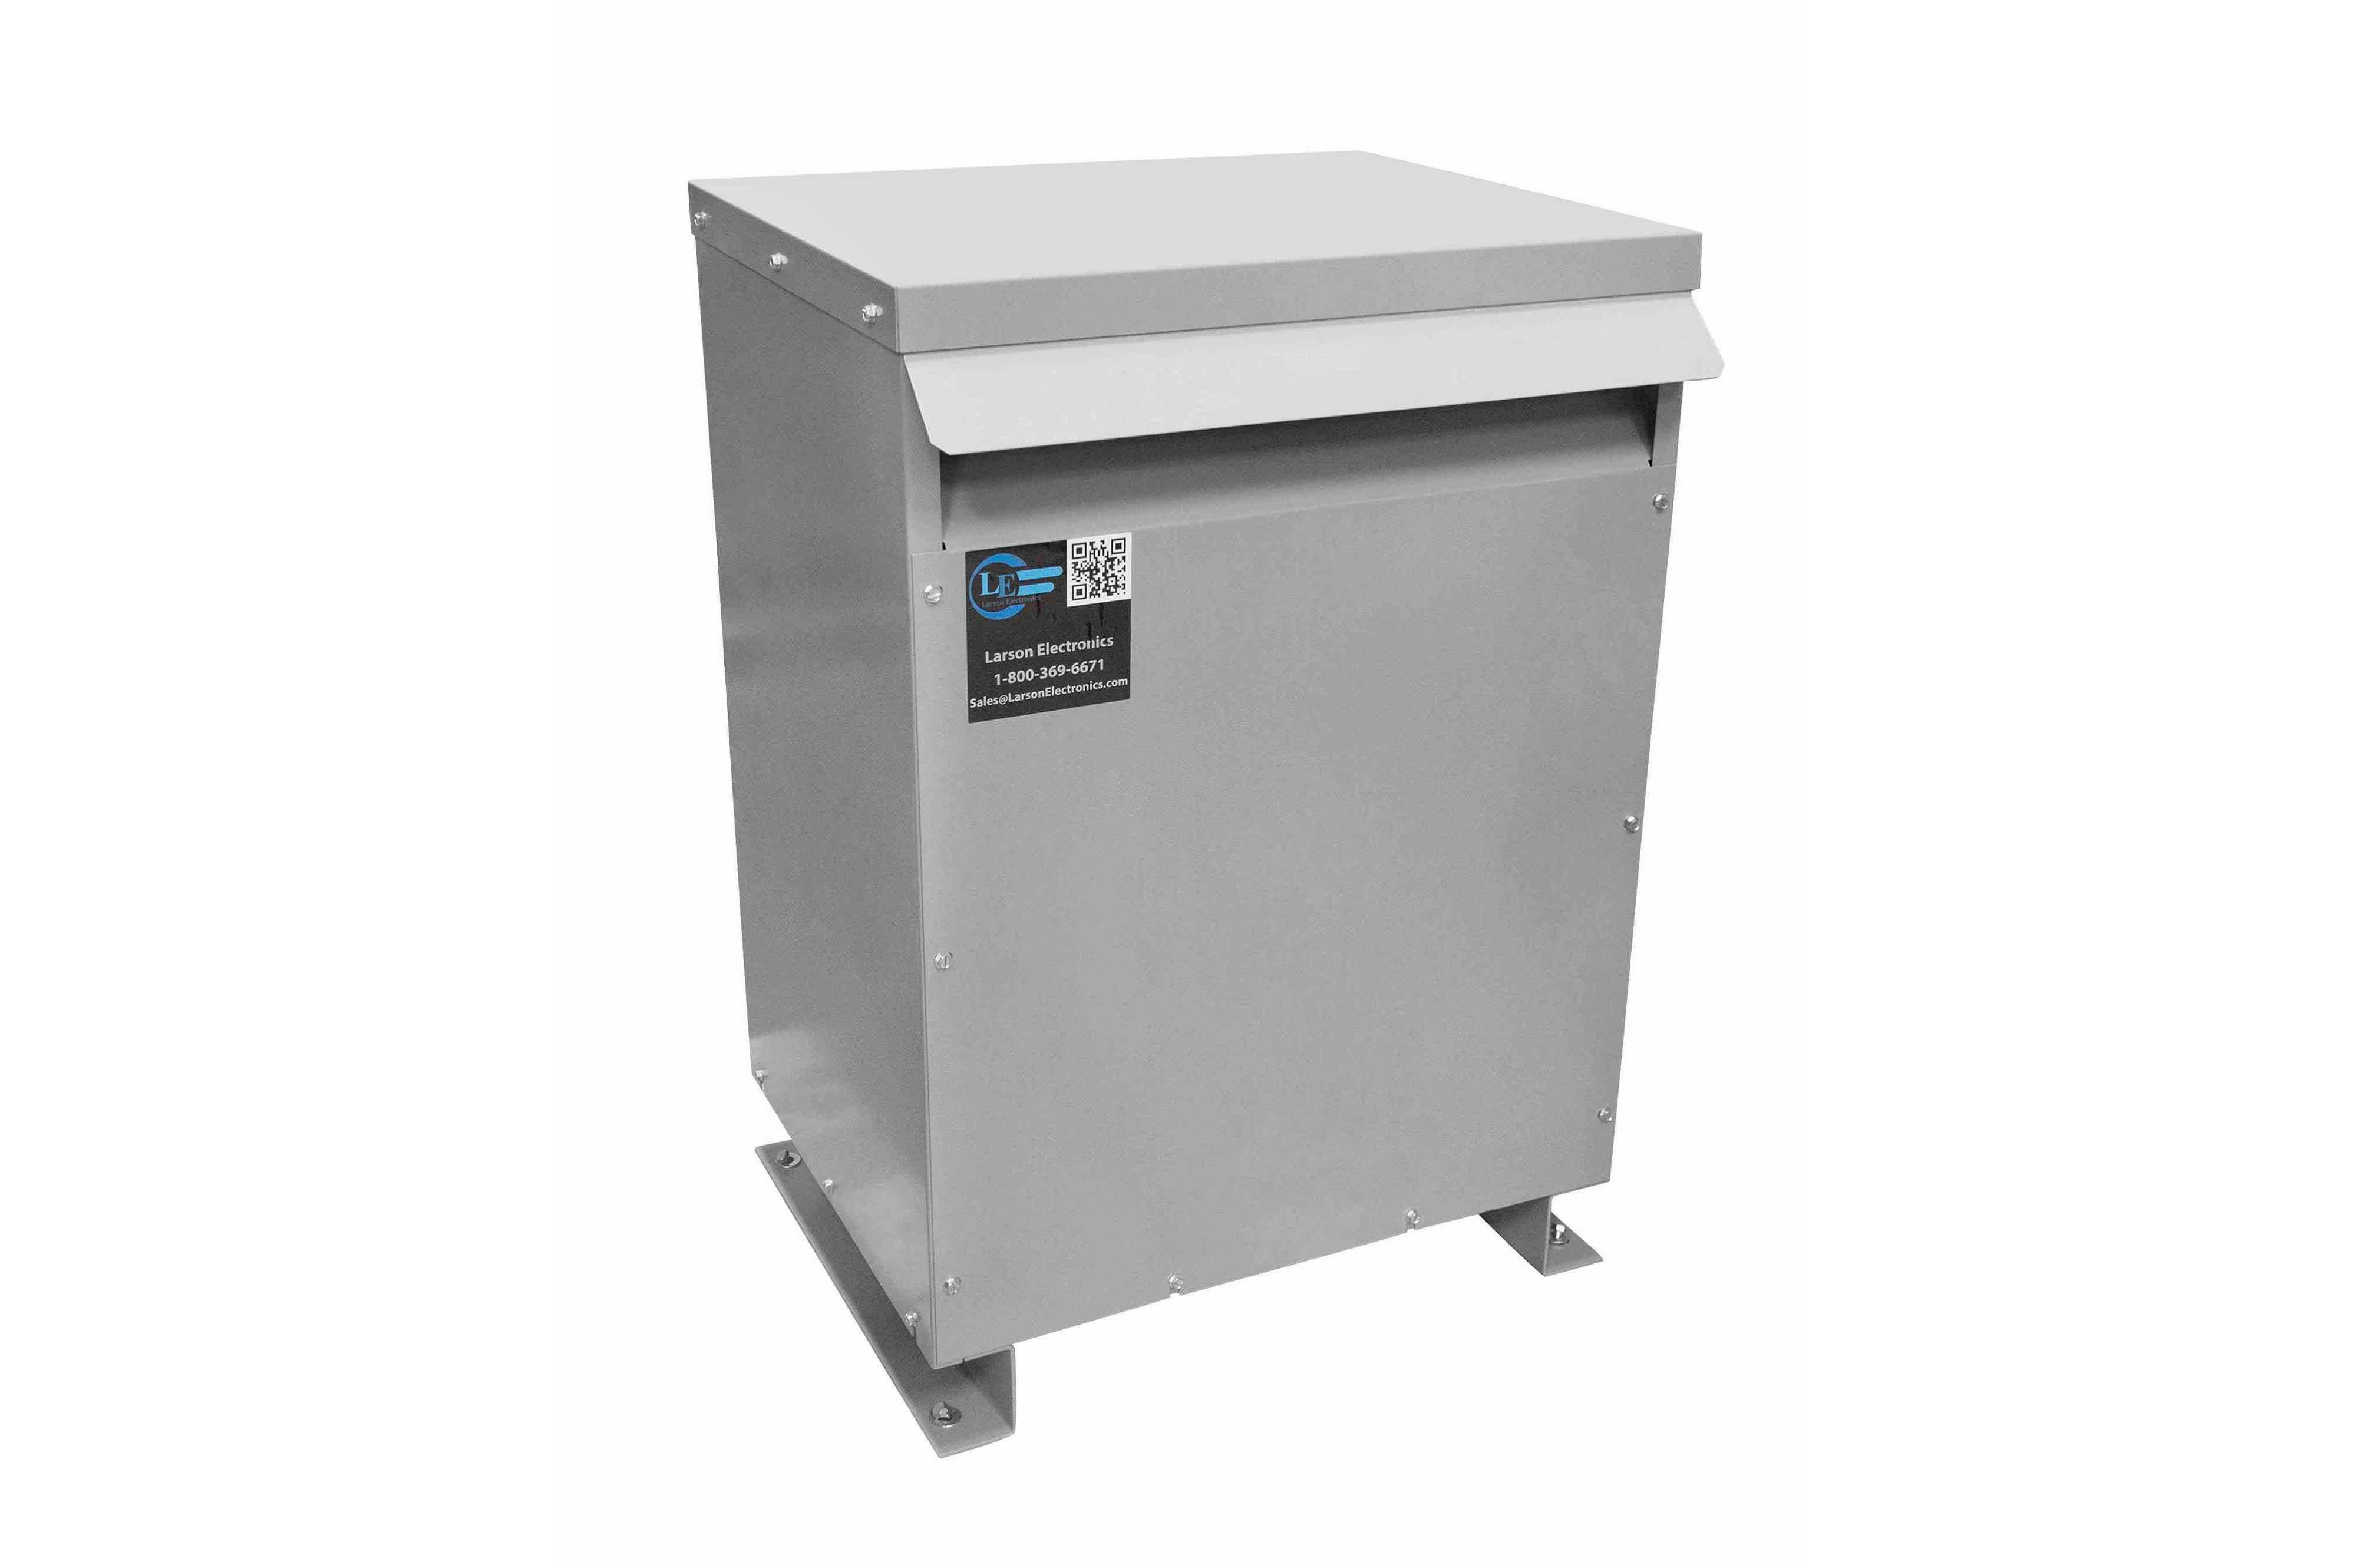 75 kVA 3PH Isolation Transformer, 208V Delta Primary, 600V Delta Secondary, N3R, Ventilated, 60 Hz